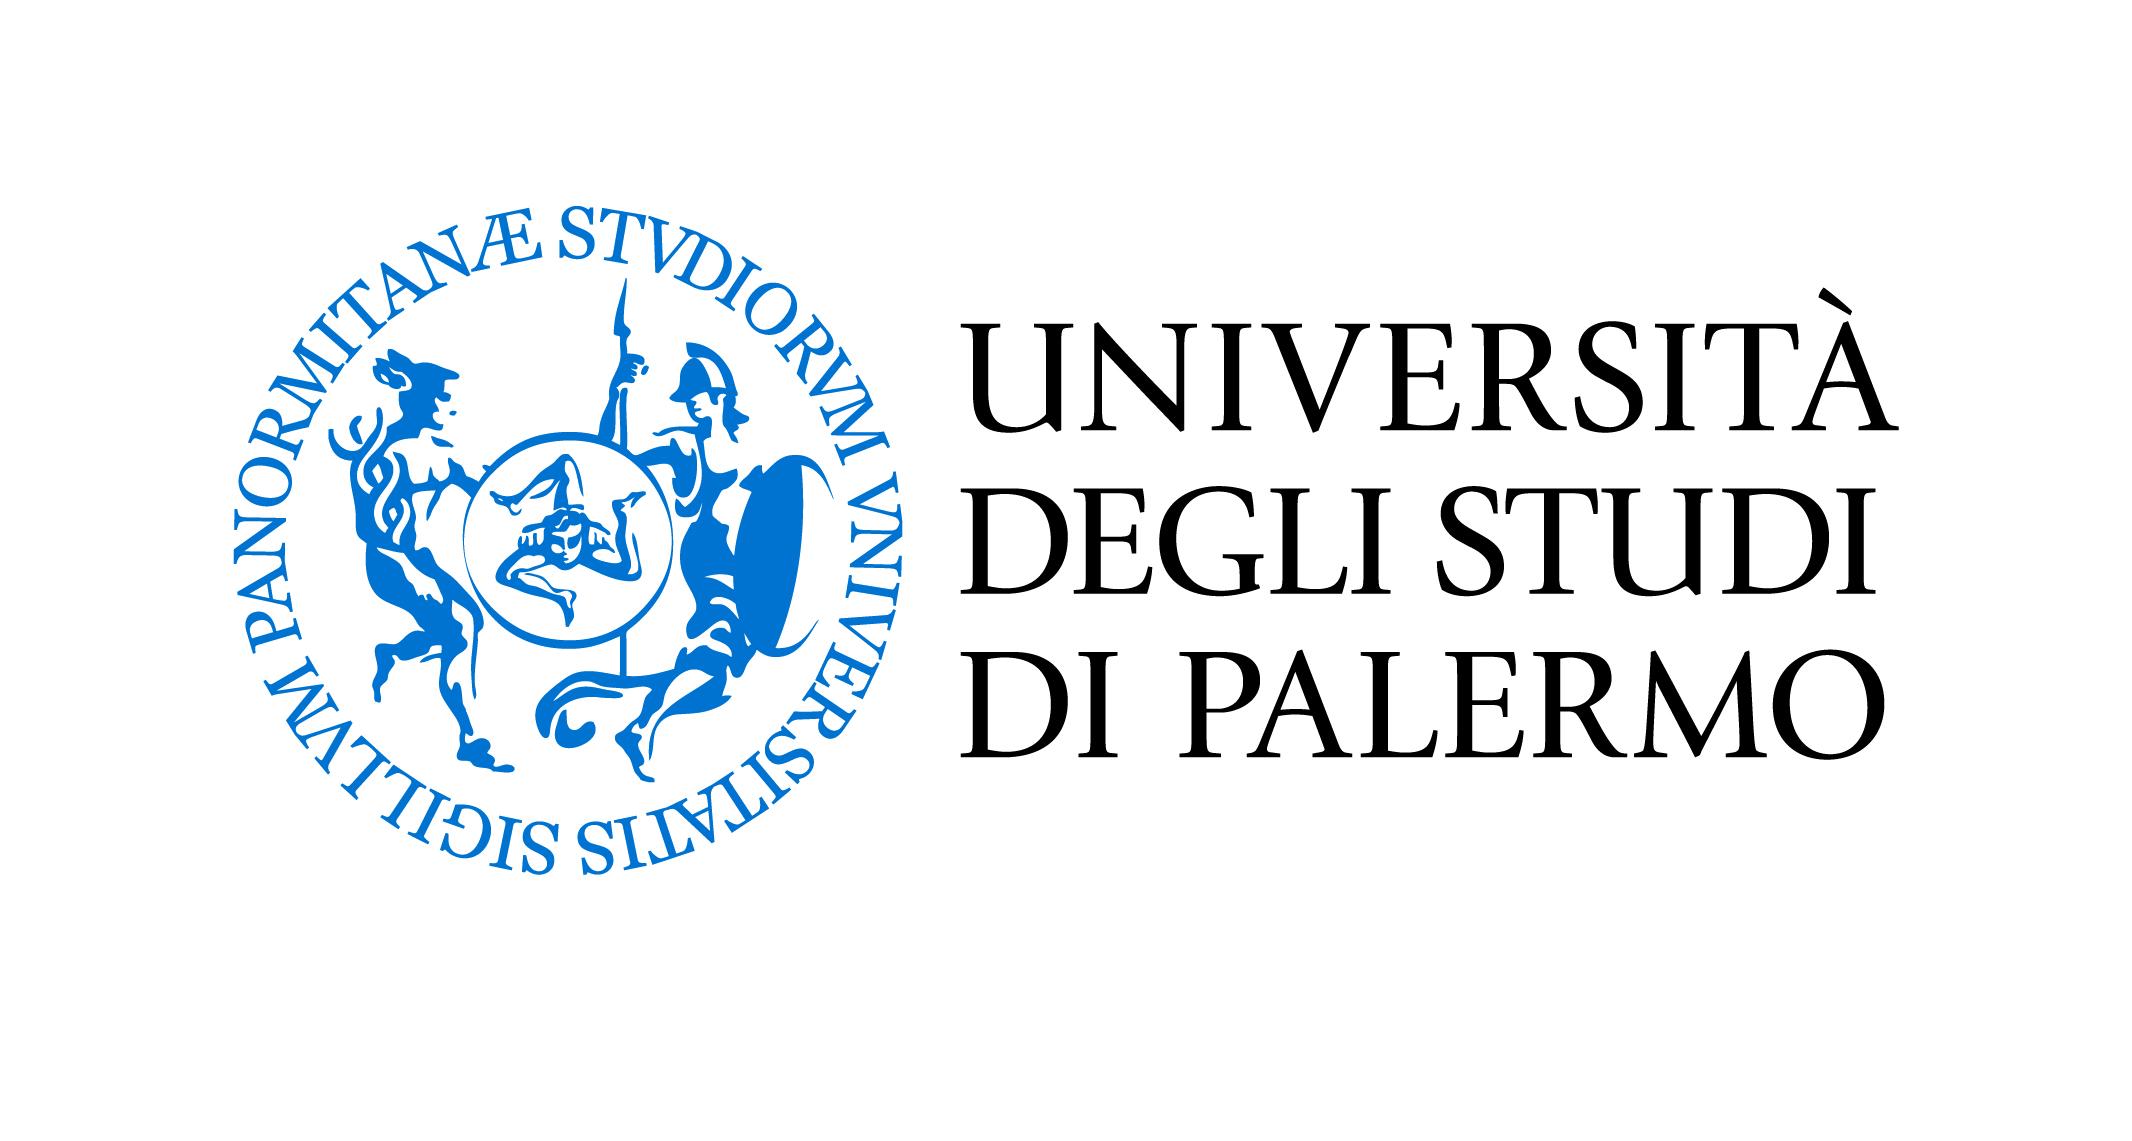 Università di Palermo: Risultati Borse di Studio